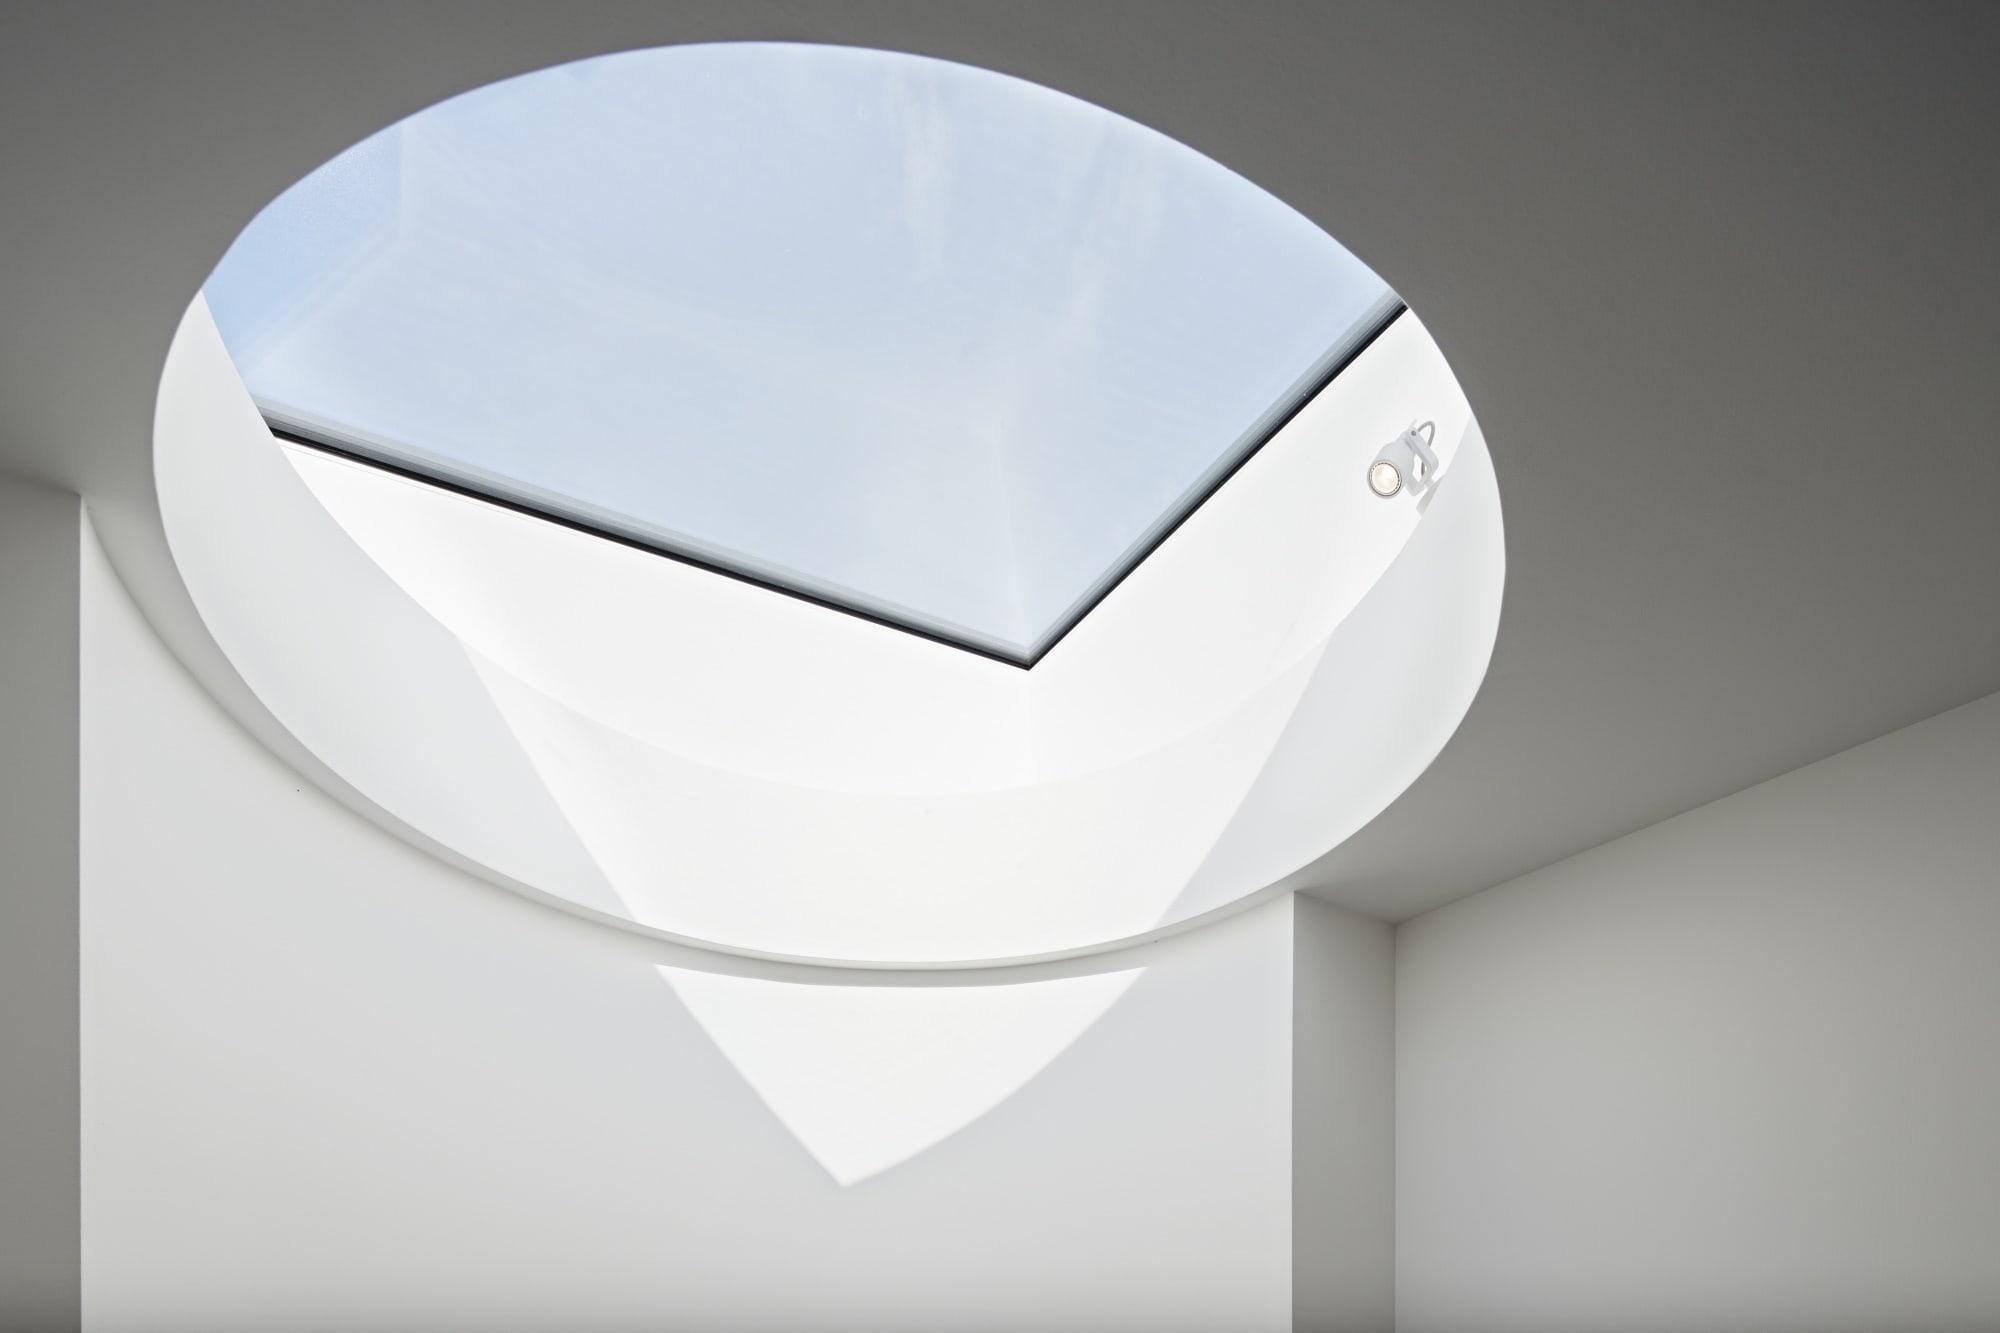 Oberlicht Treppenhaus - Haus Design Architektur Detail Luxus Villa ATHERTON von Baufritz - HausbauDirekt.de